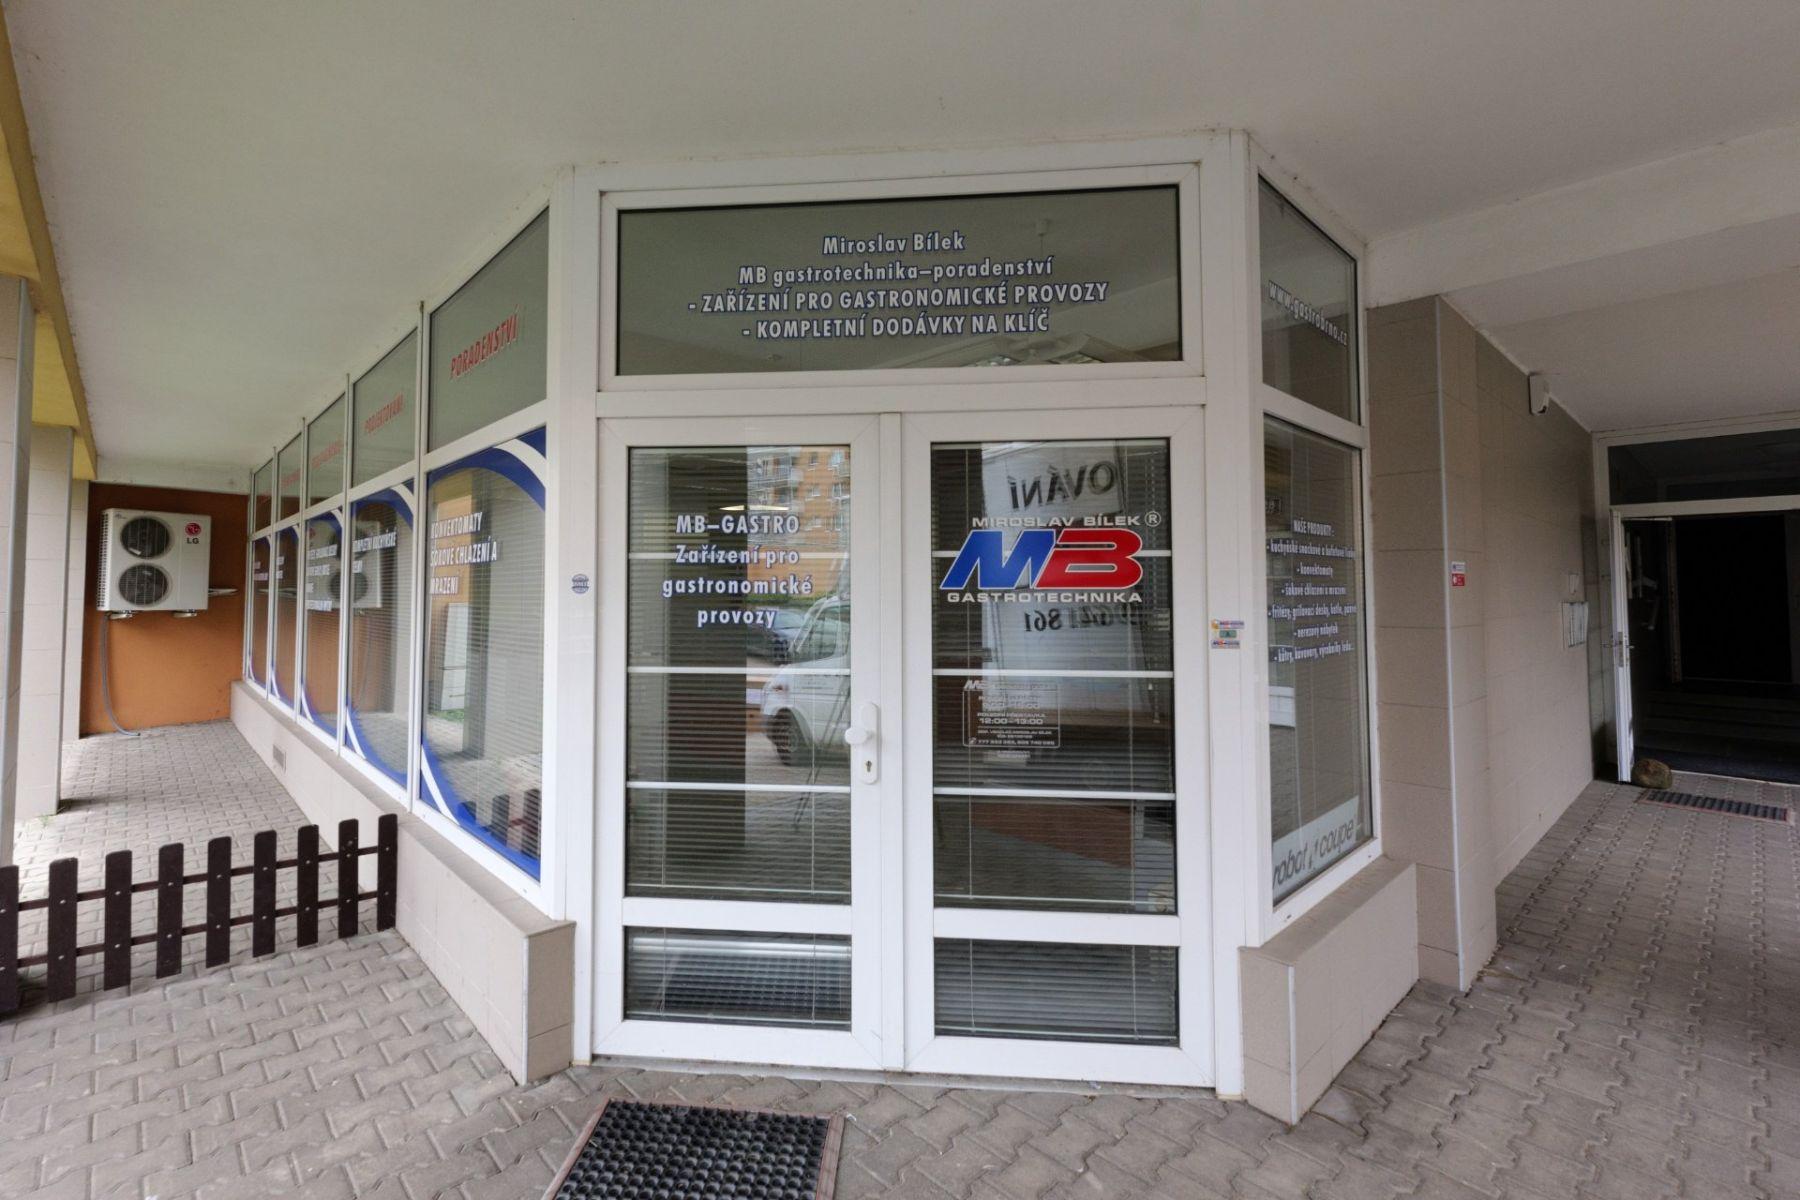 Prodej, Obchodní prostory, CP 99.5 m2, Brno, Lesná, ulice Majdalenky, přízemí